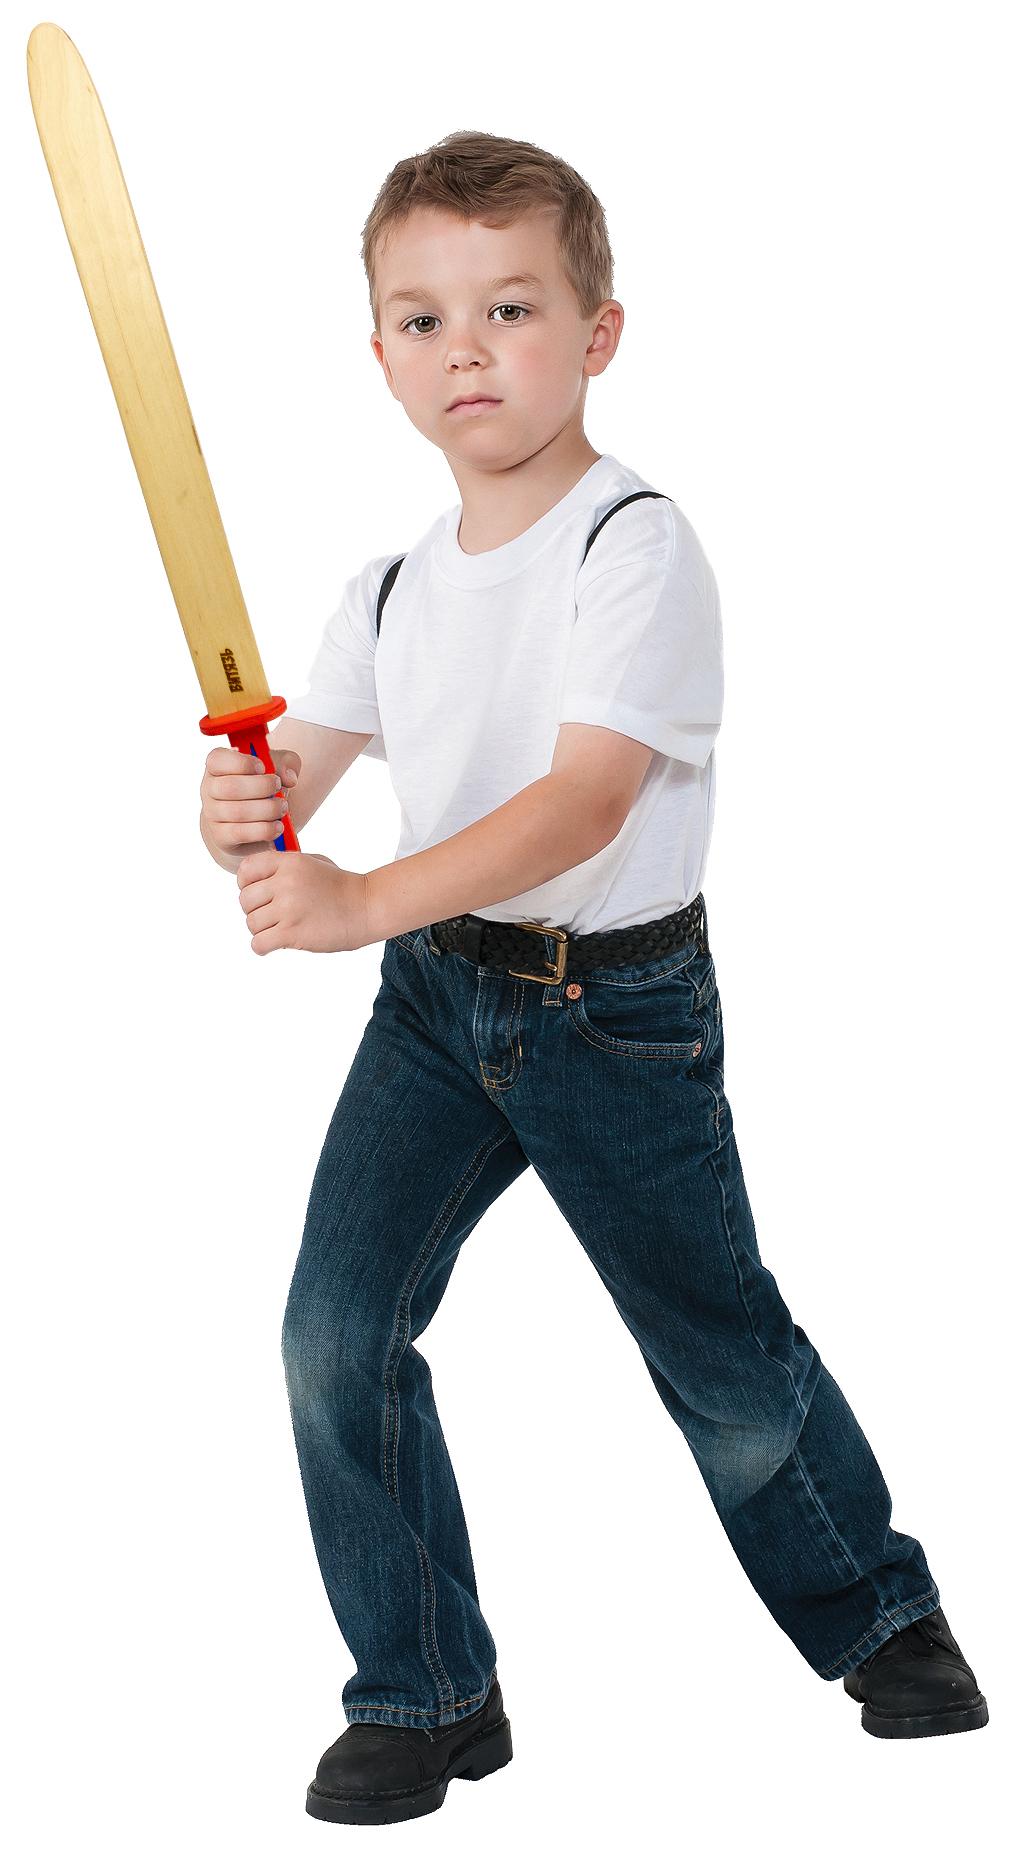 Детский деревянный меч «ВИТЯЗЬ» 60 см. / Зеленый